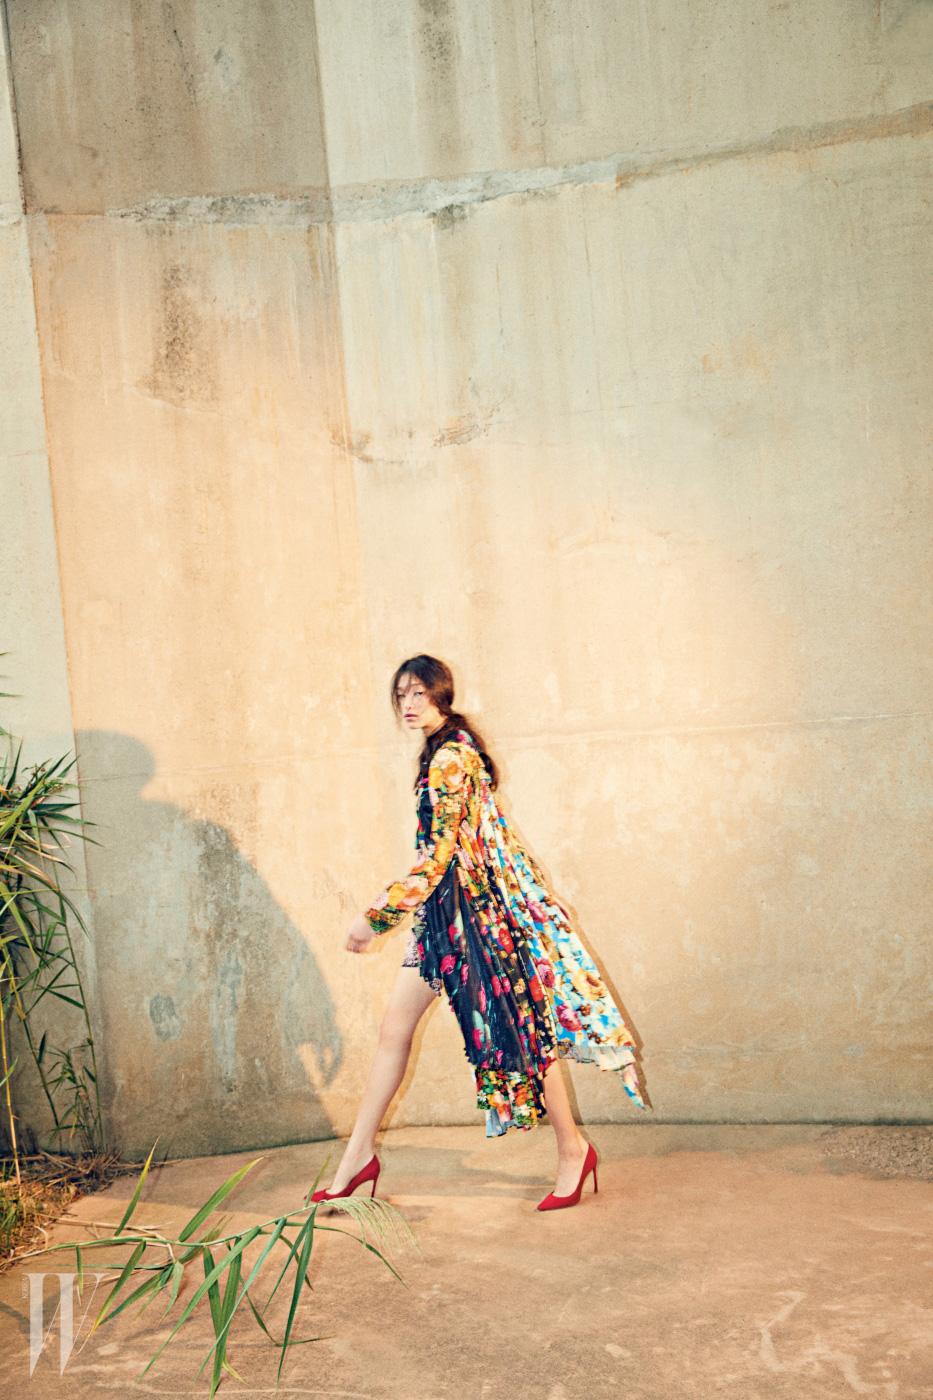 다양한 형태의 꽃무늬를 뒤섞은 드레스는 Balenciaga, 붉은색 스틸레트 힐은 Dior 제품.